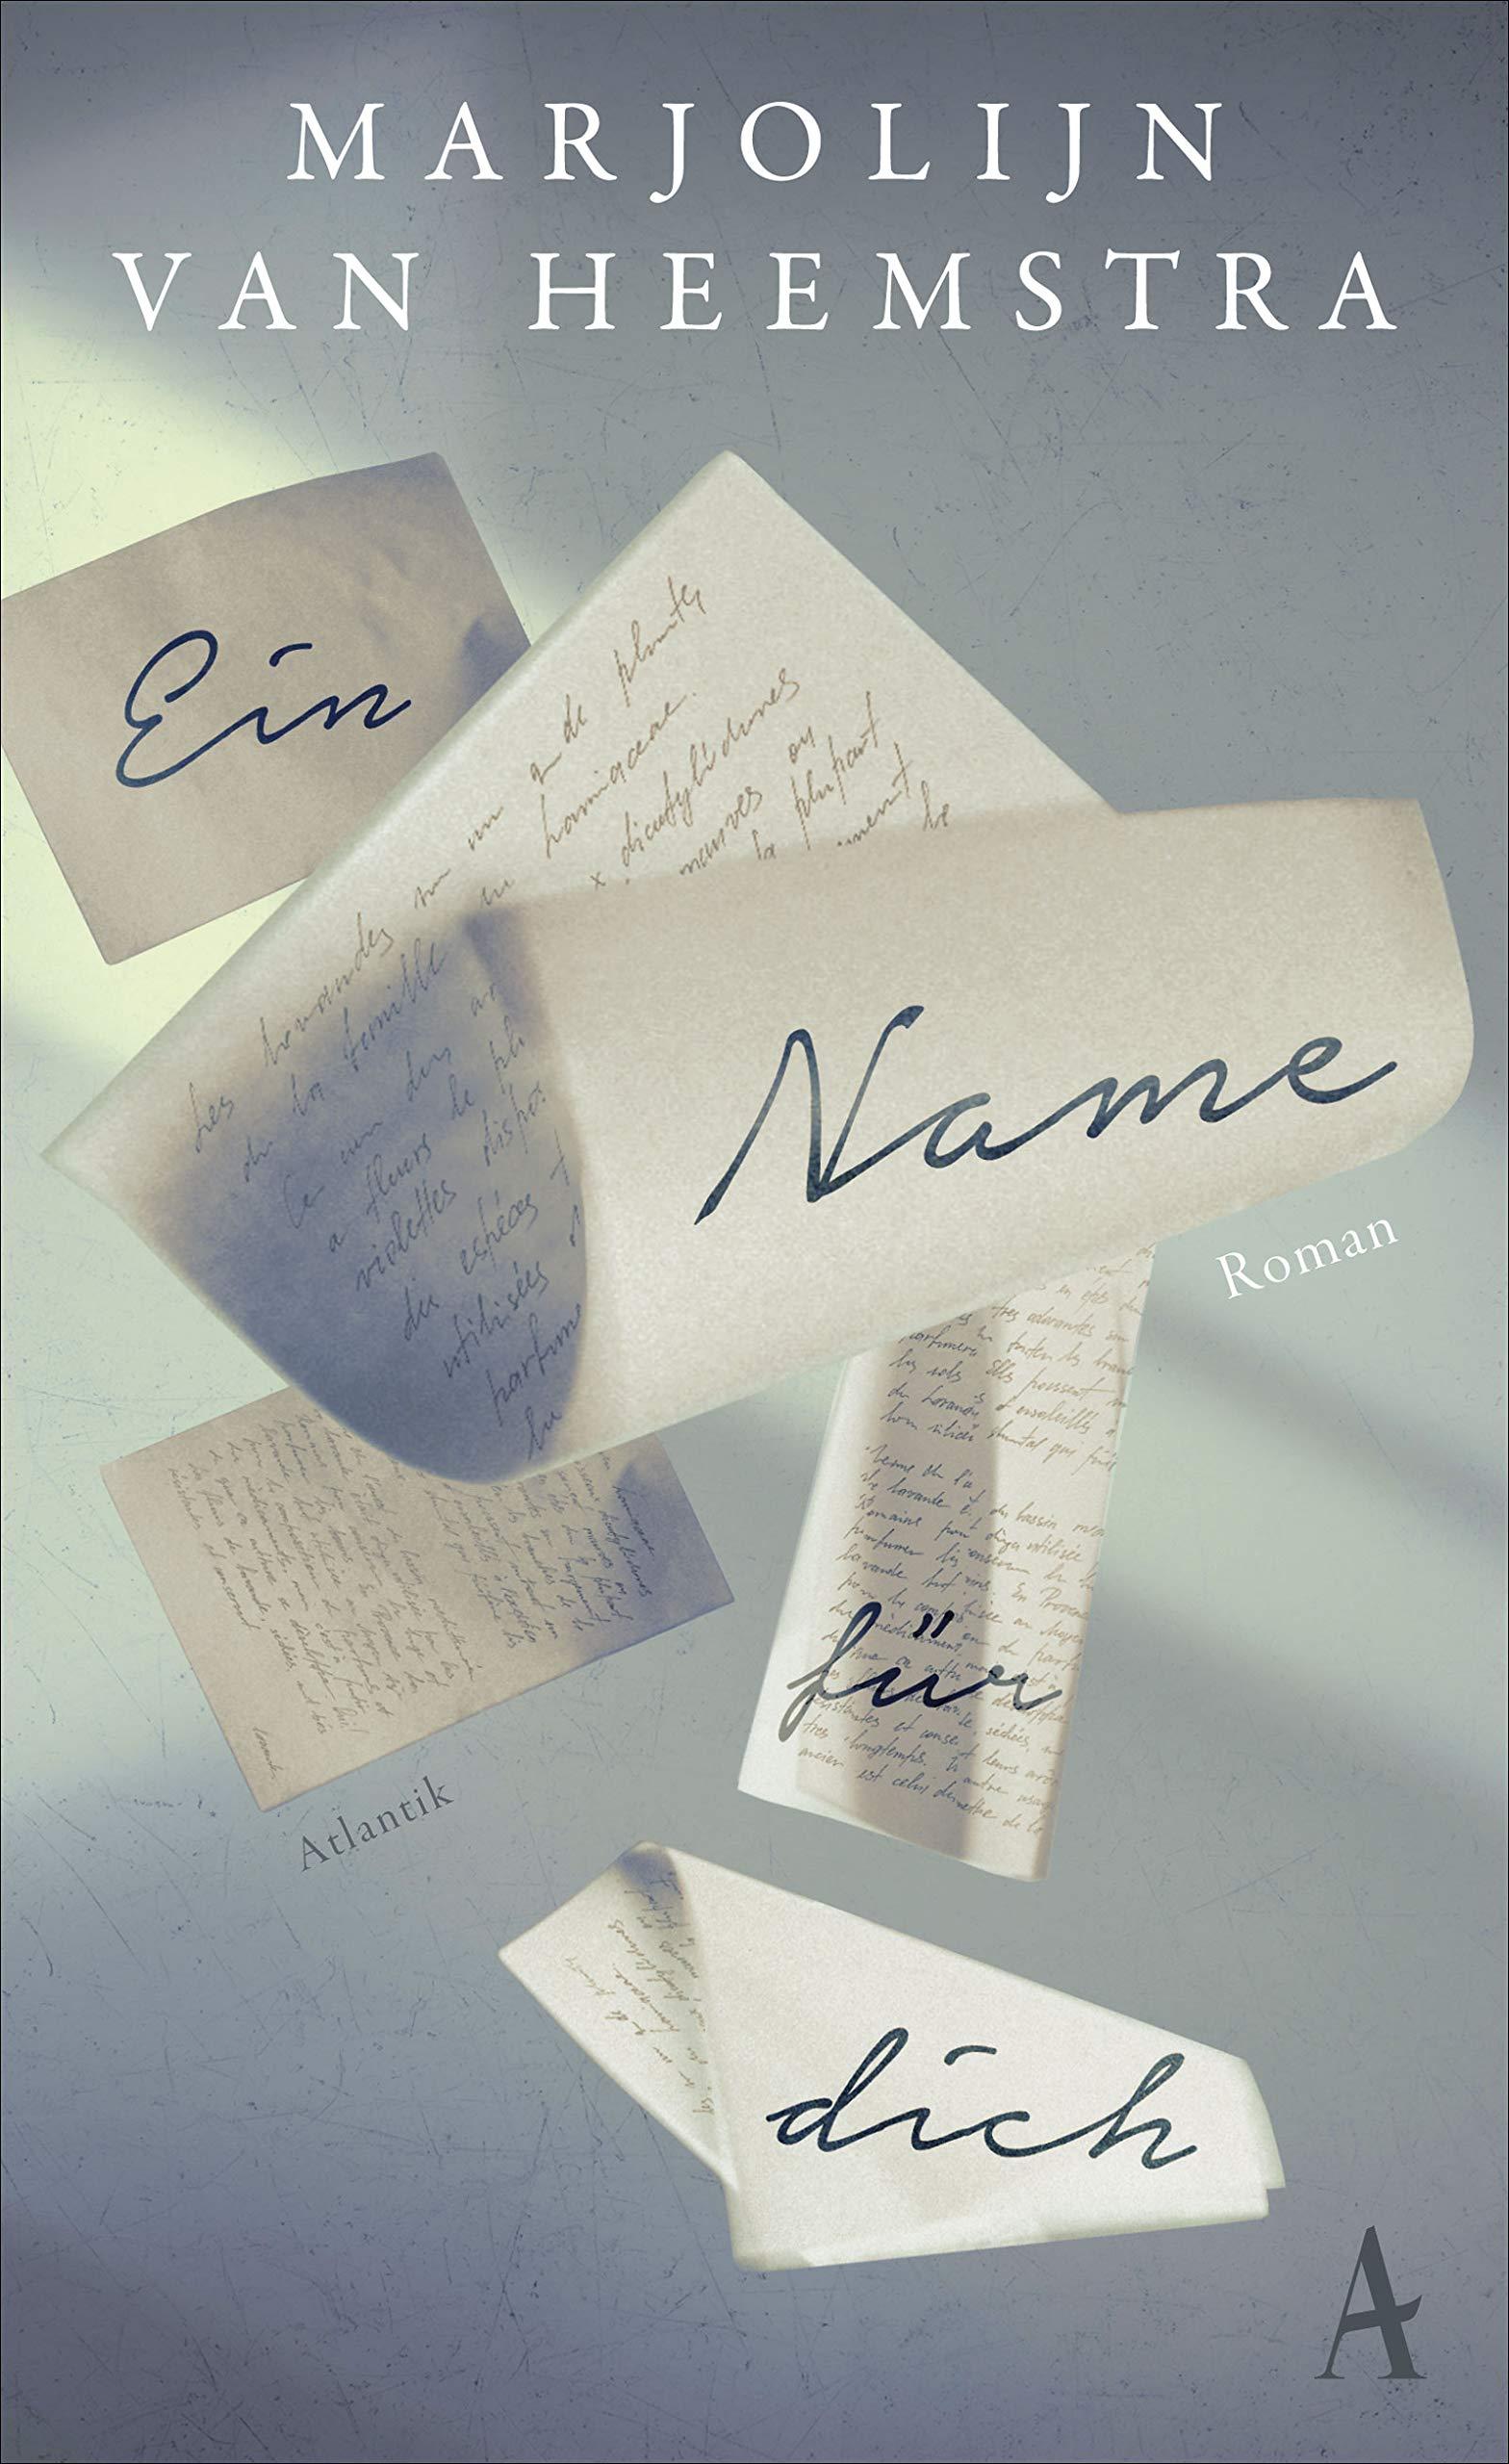 Ein Name für Dich: Roman : van Heemstra, Marjolijn, Wieczorek, Stefan:  Amazon.de: Bücher